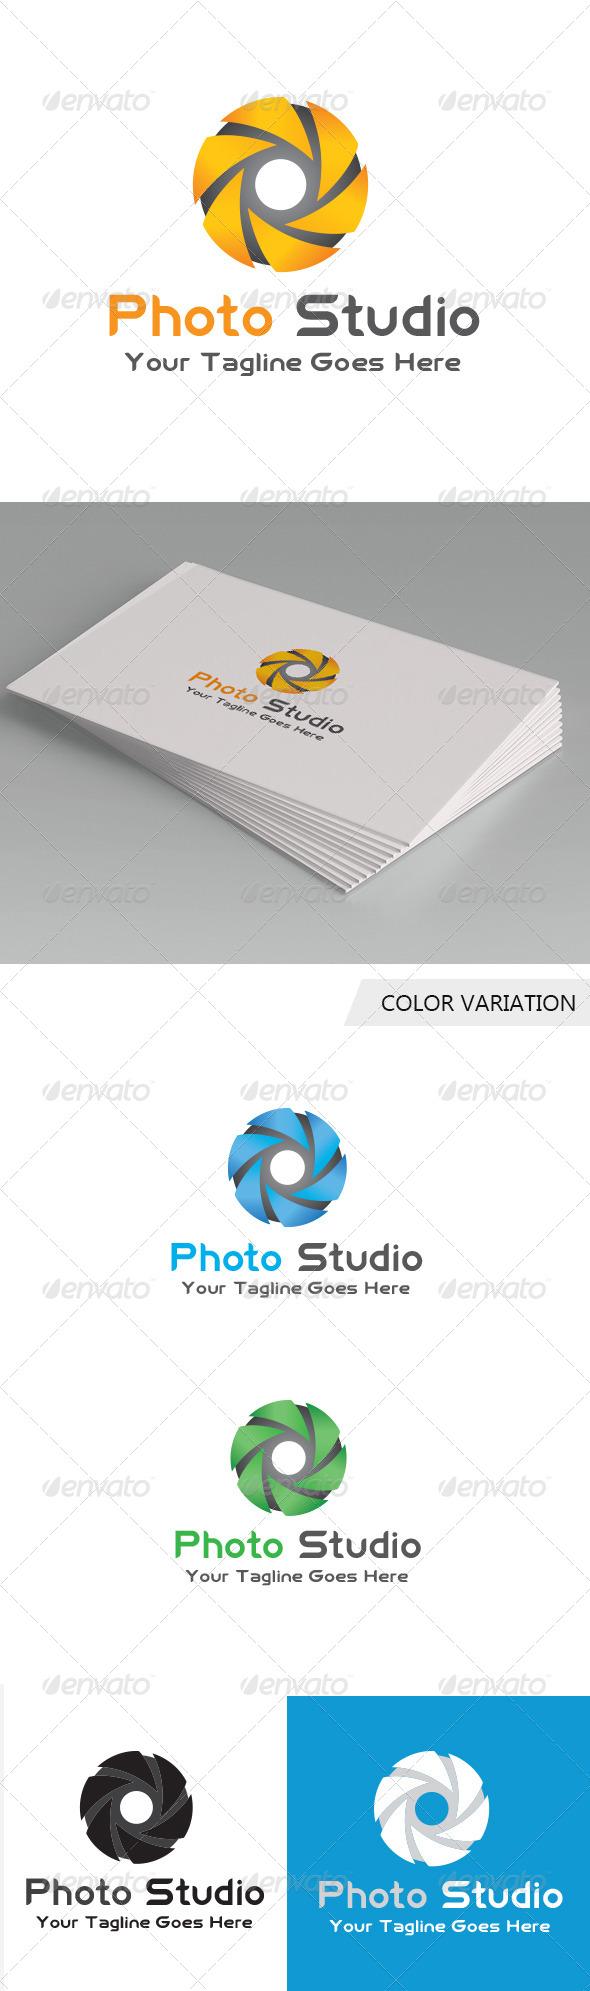 GraphicRiver Photo Studio Logo Template 5681439